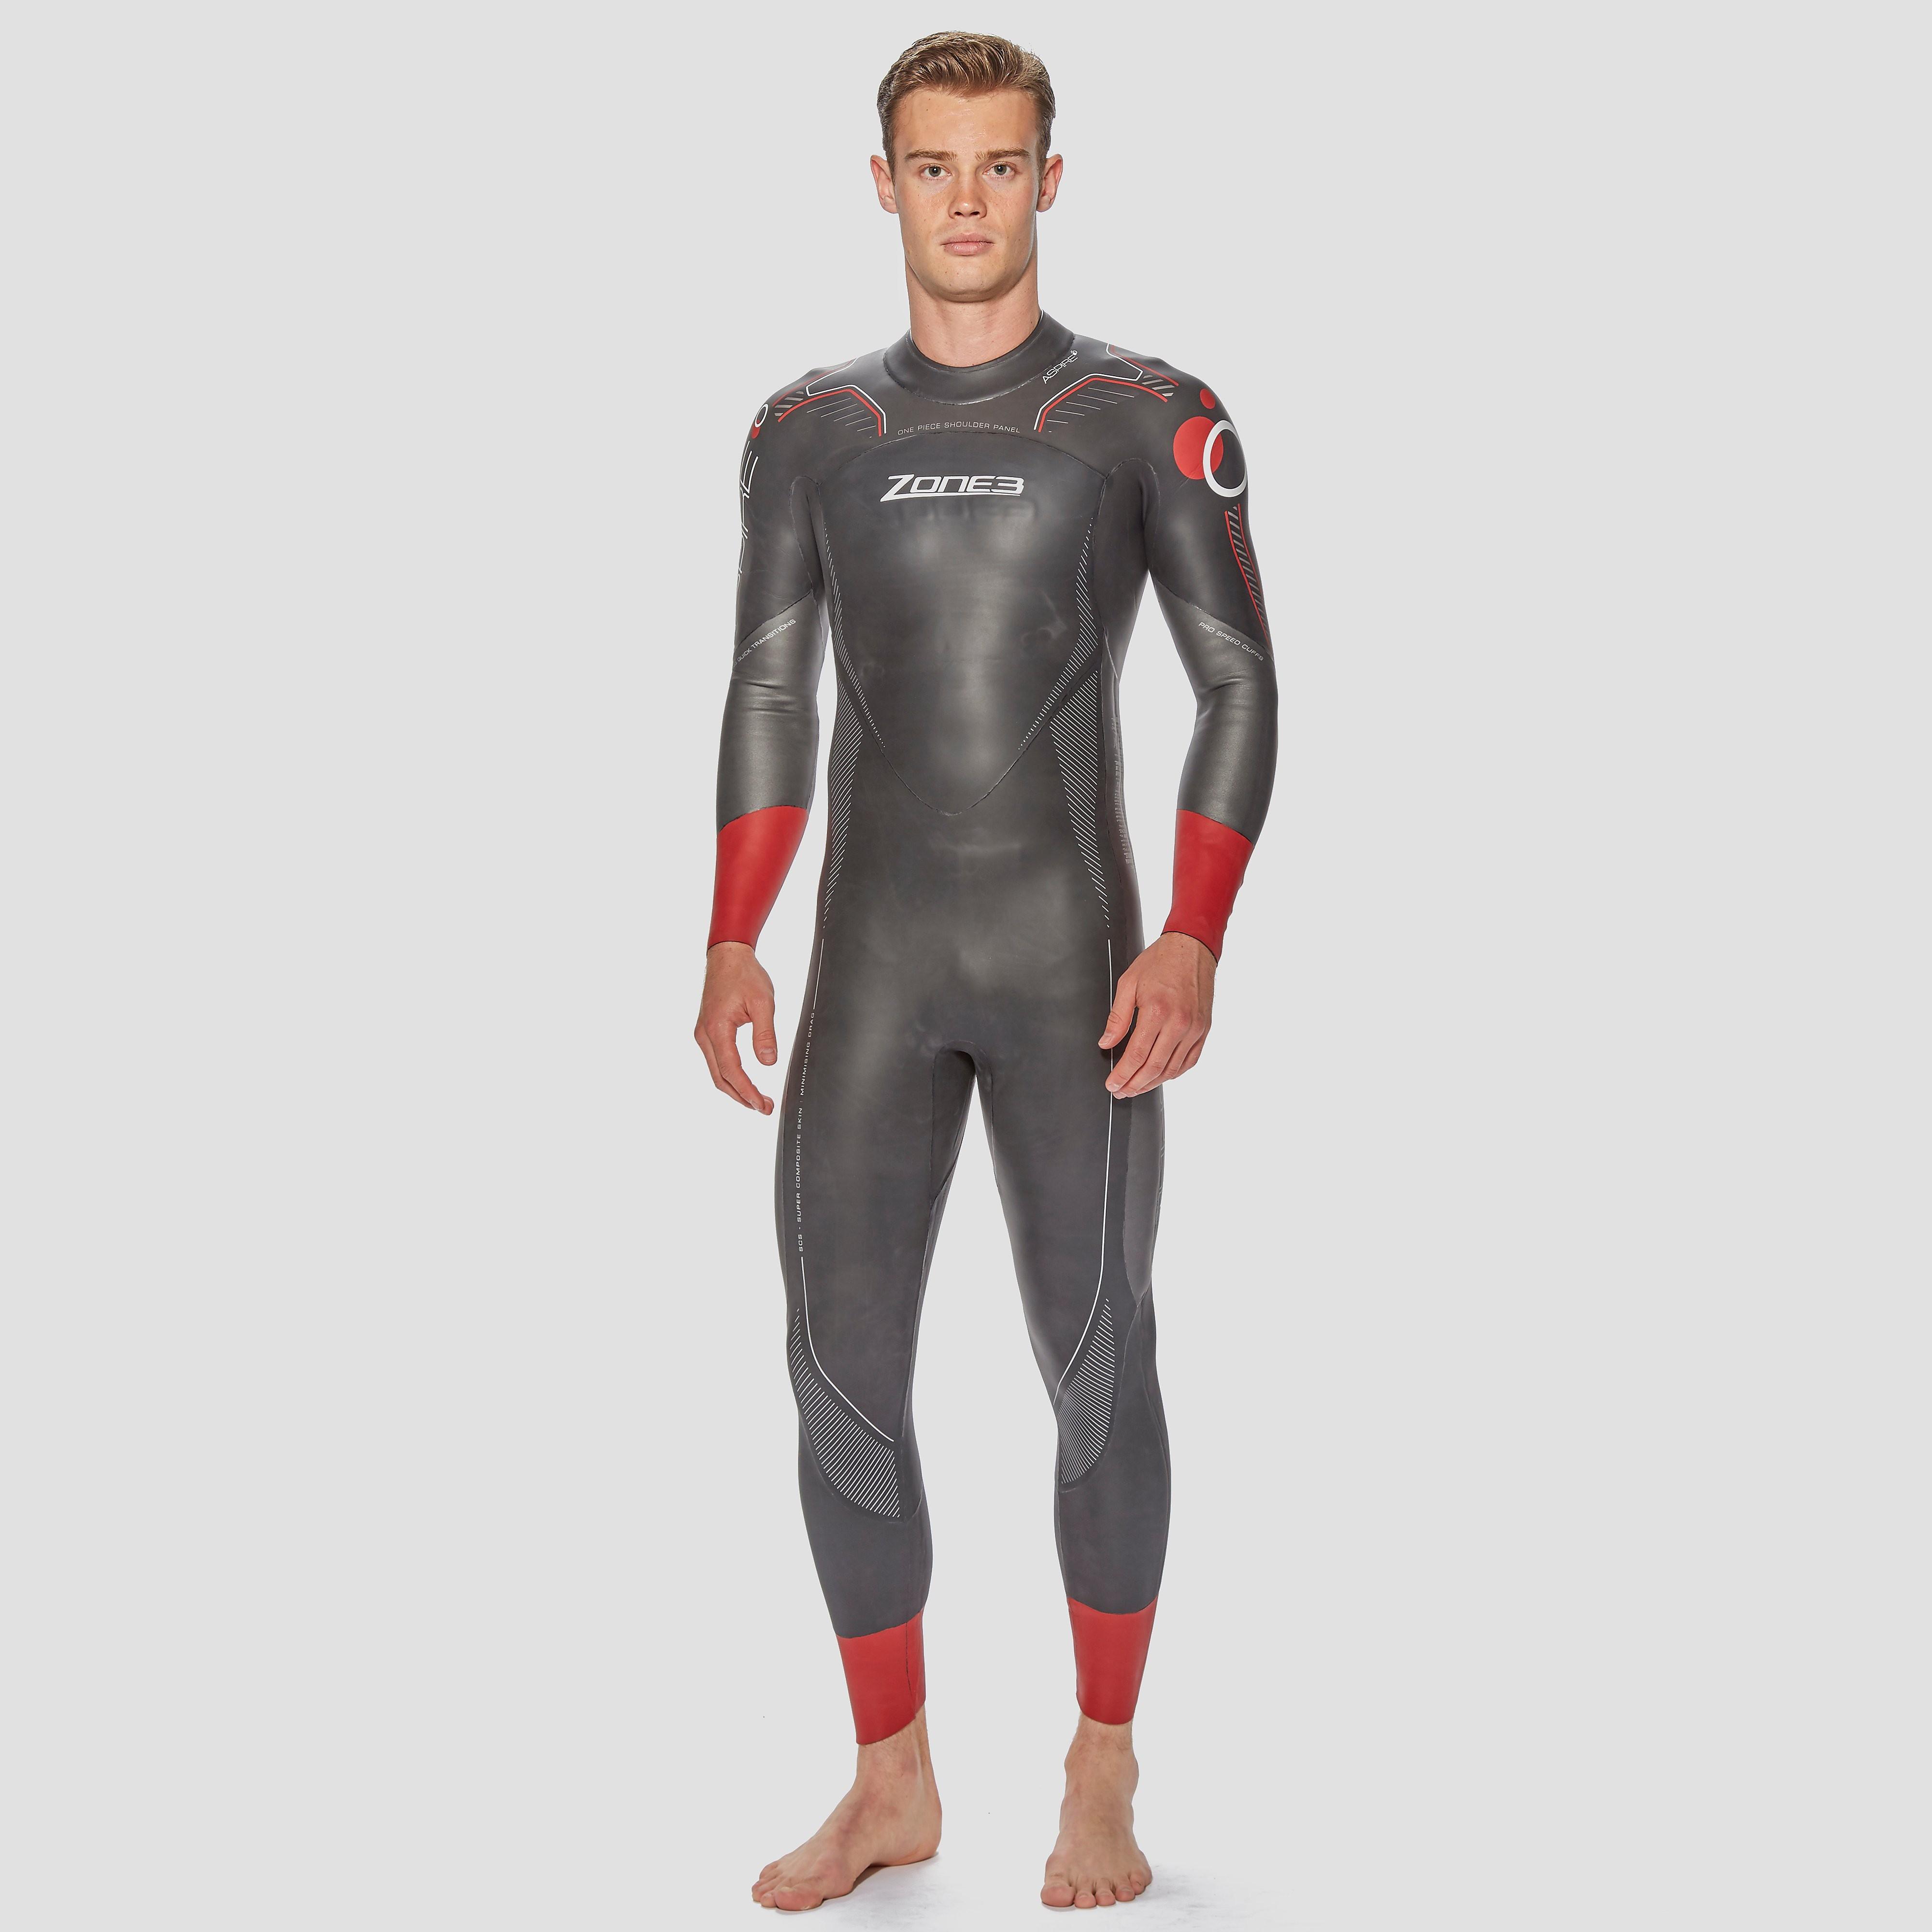 Zone 3 Aspire Men's Wetsuit